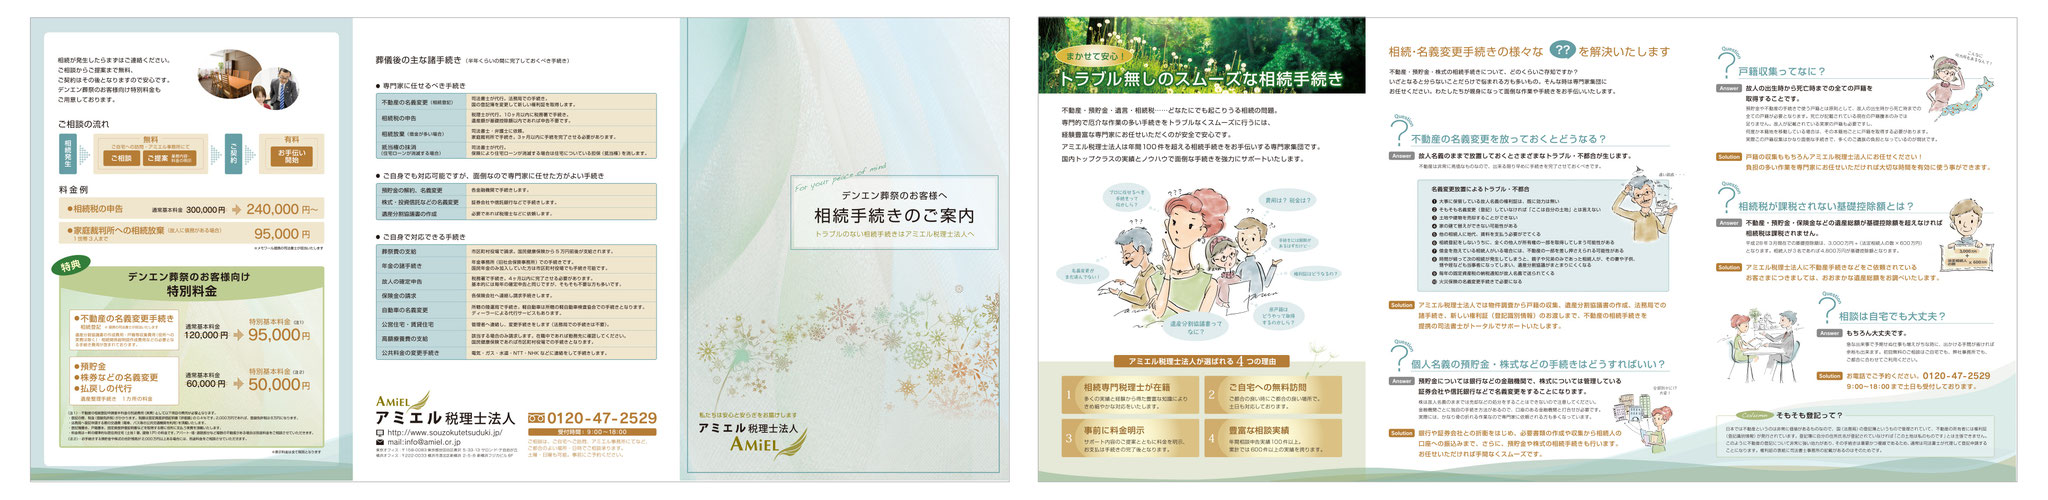 サービス案内パンフレット:A4サイズ仕上がり6ページ(巻き三つ折り)